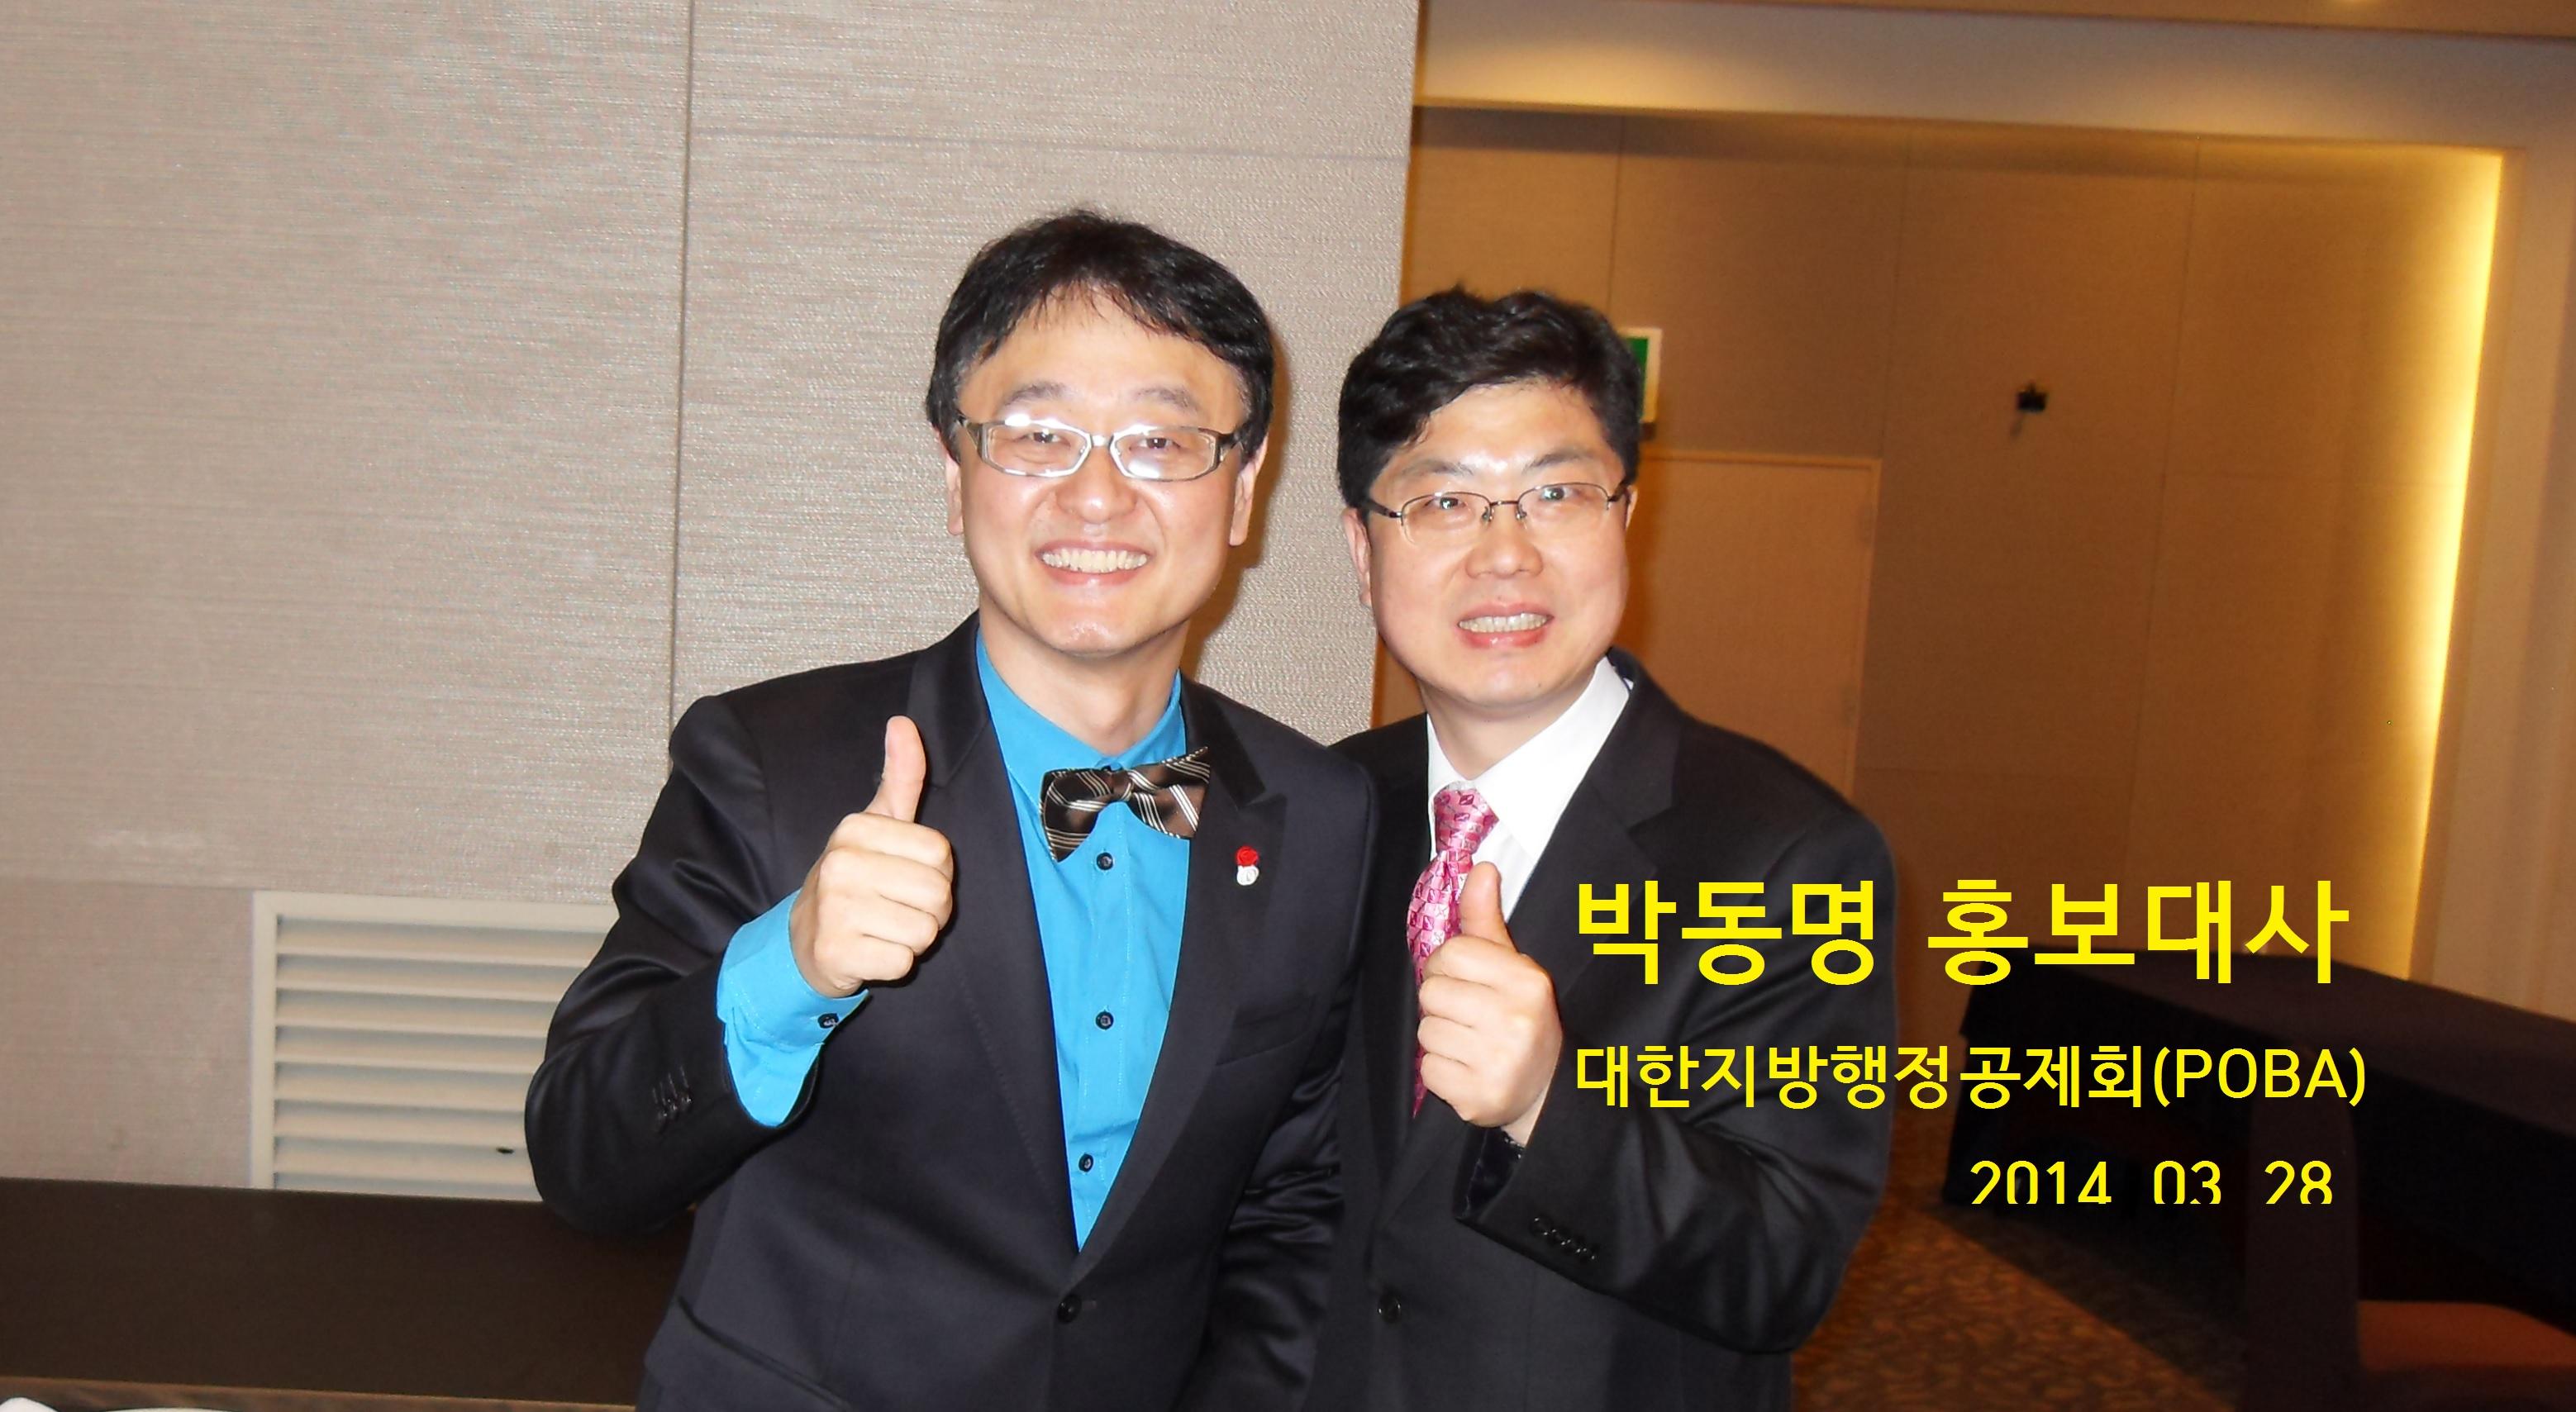 박동명 홍보대사